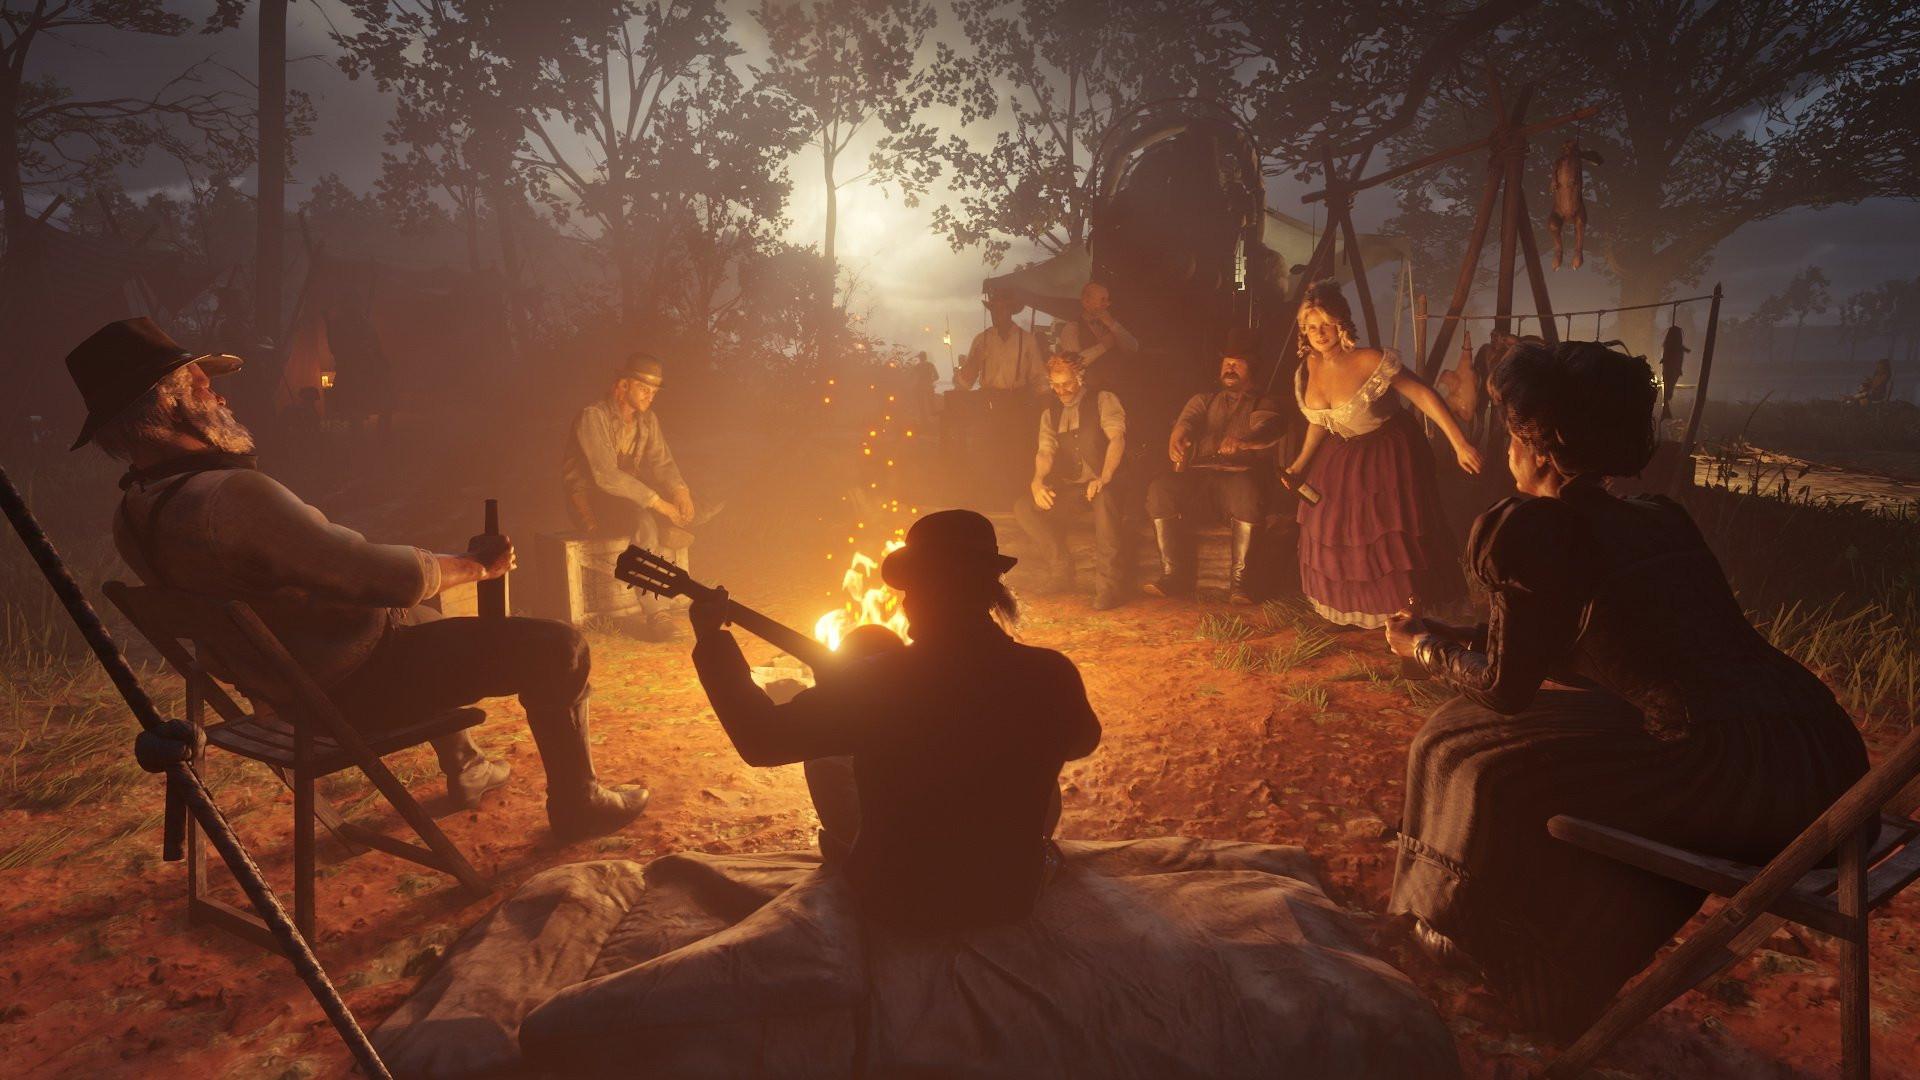 Геймплей Red Dead Redemption 2 показывали на E3 2018, но только избранным